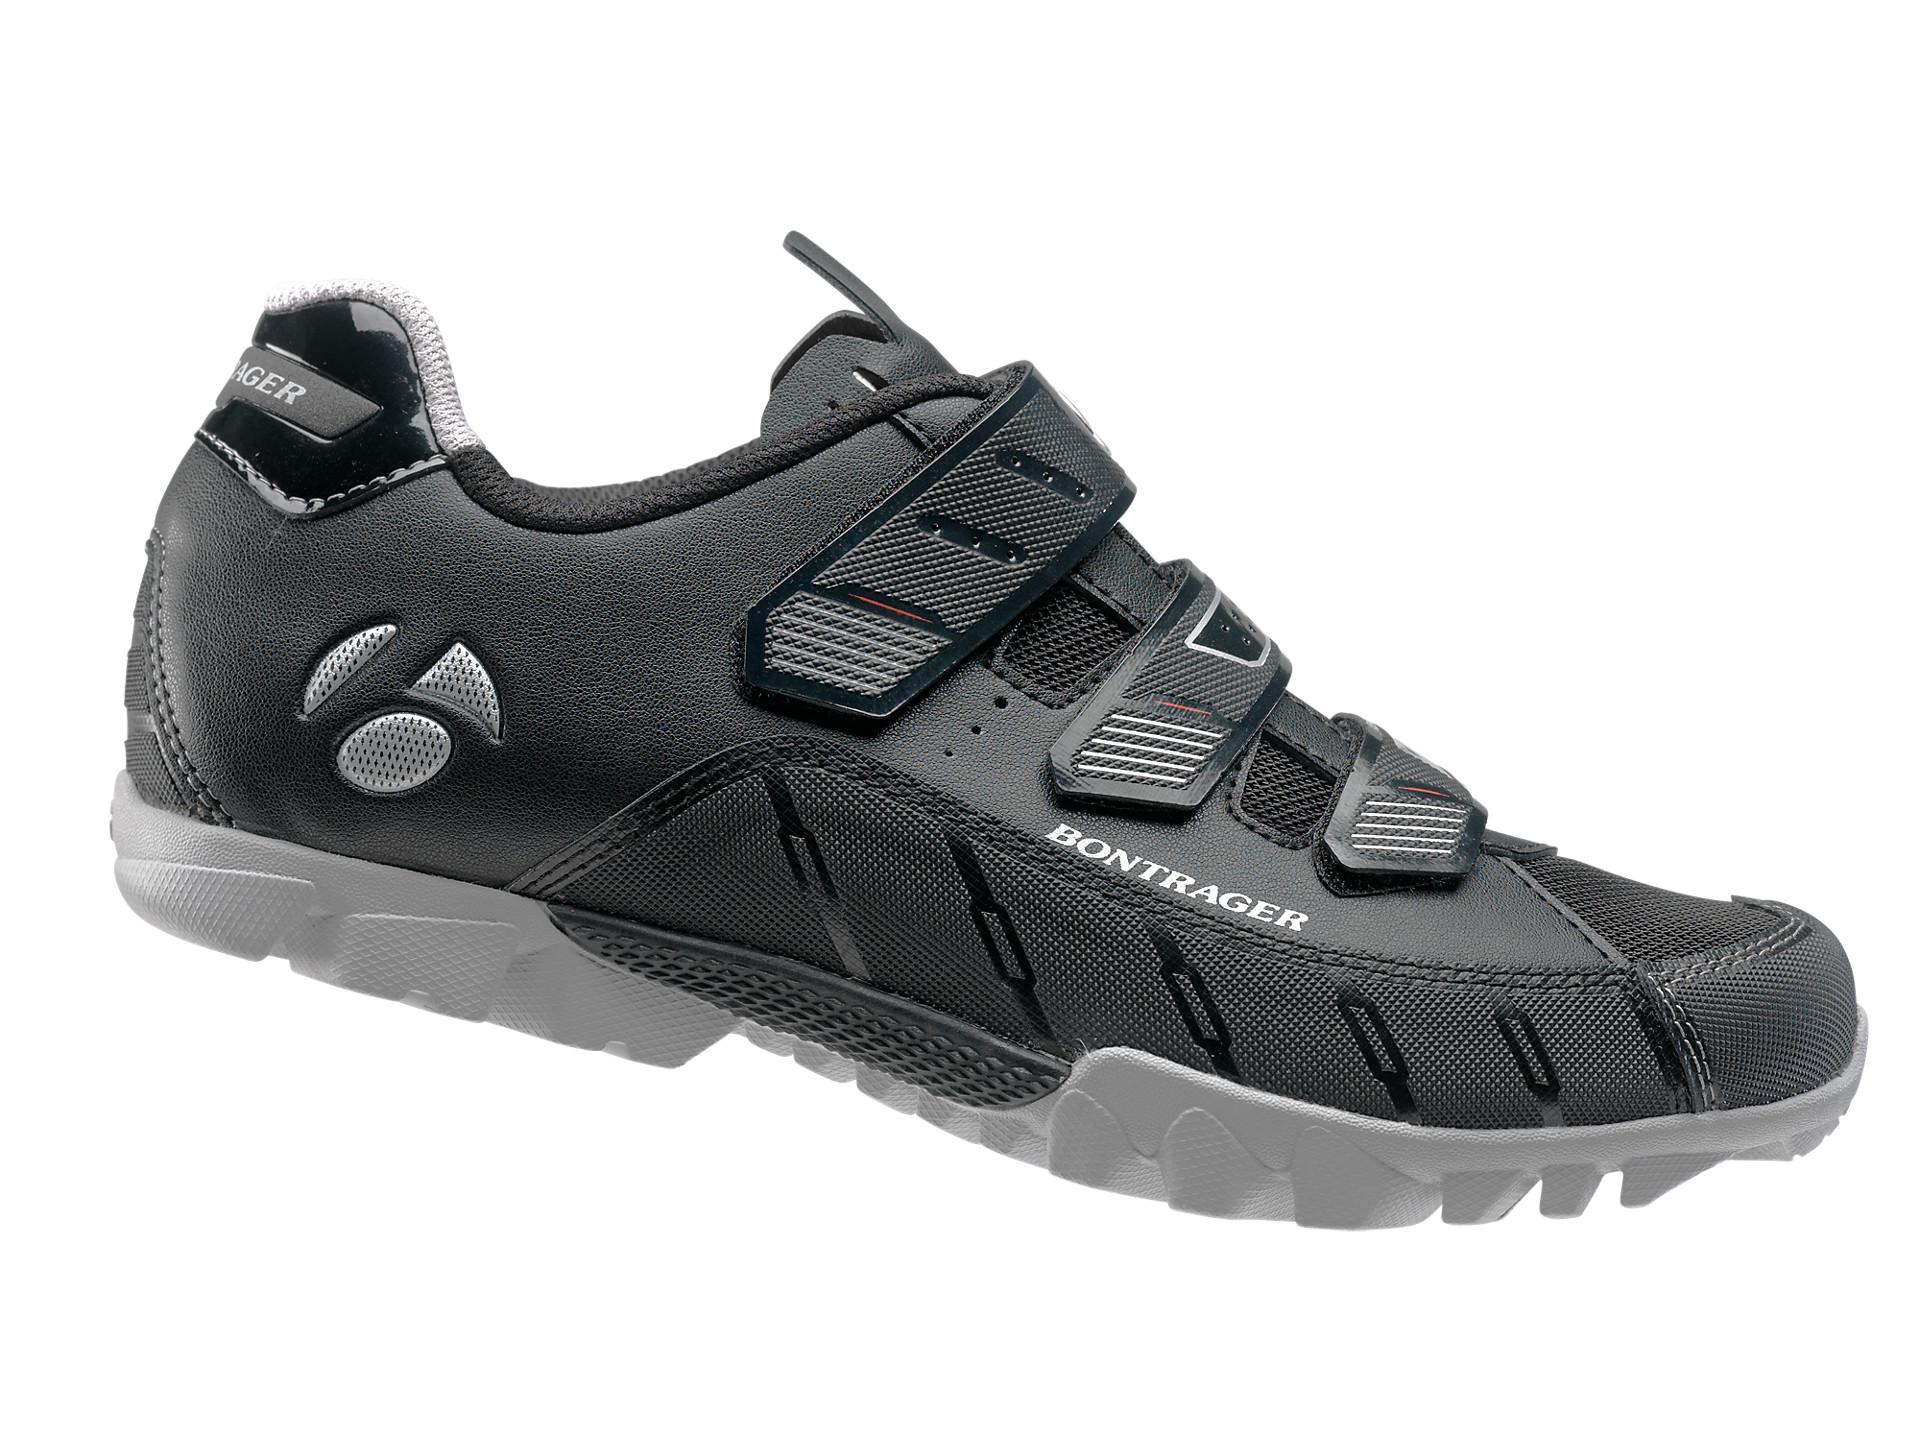 0d1d4139d Sapato de montanha Bontrager Evoke   Bicicletas Trek (PT)